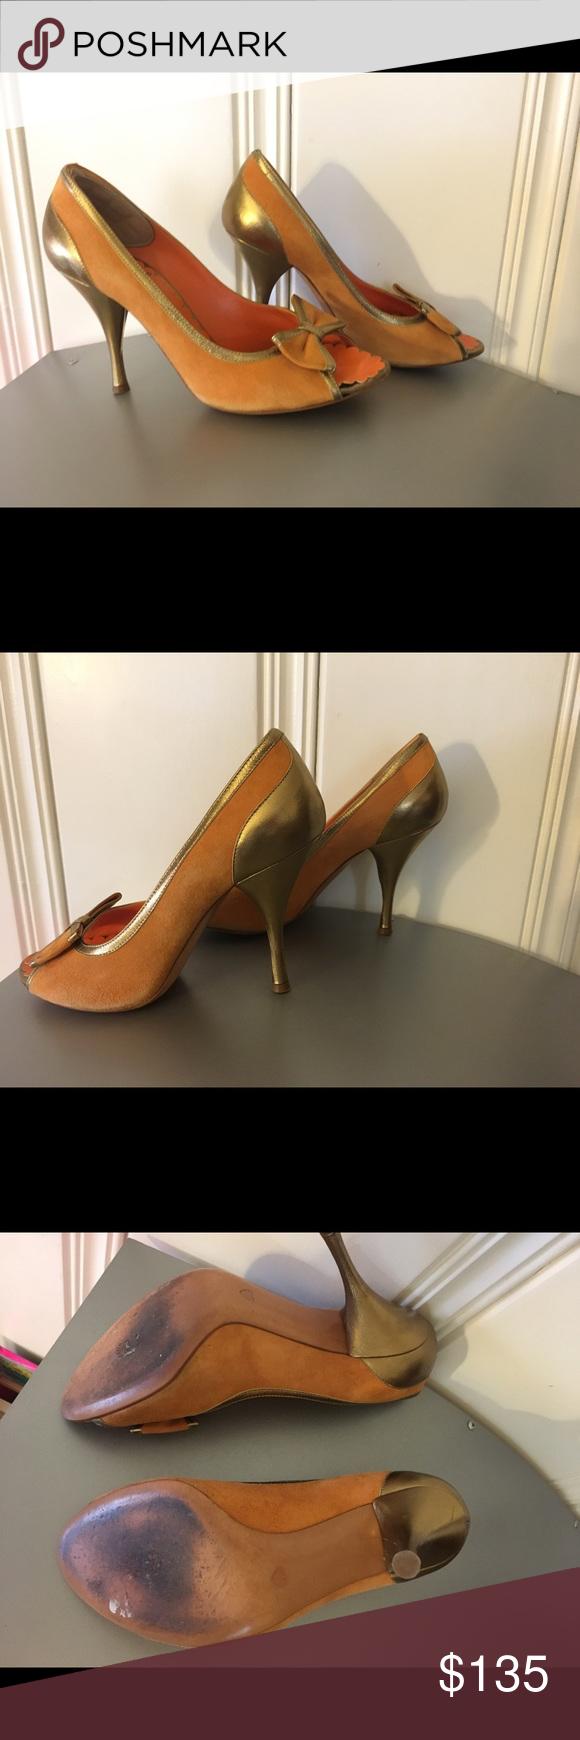 Moschino cheapandchic Open toe shoes Moschino Shoes Heels